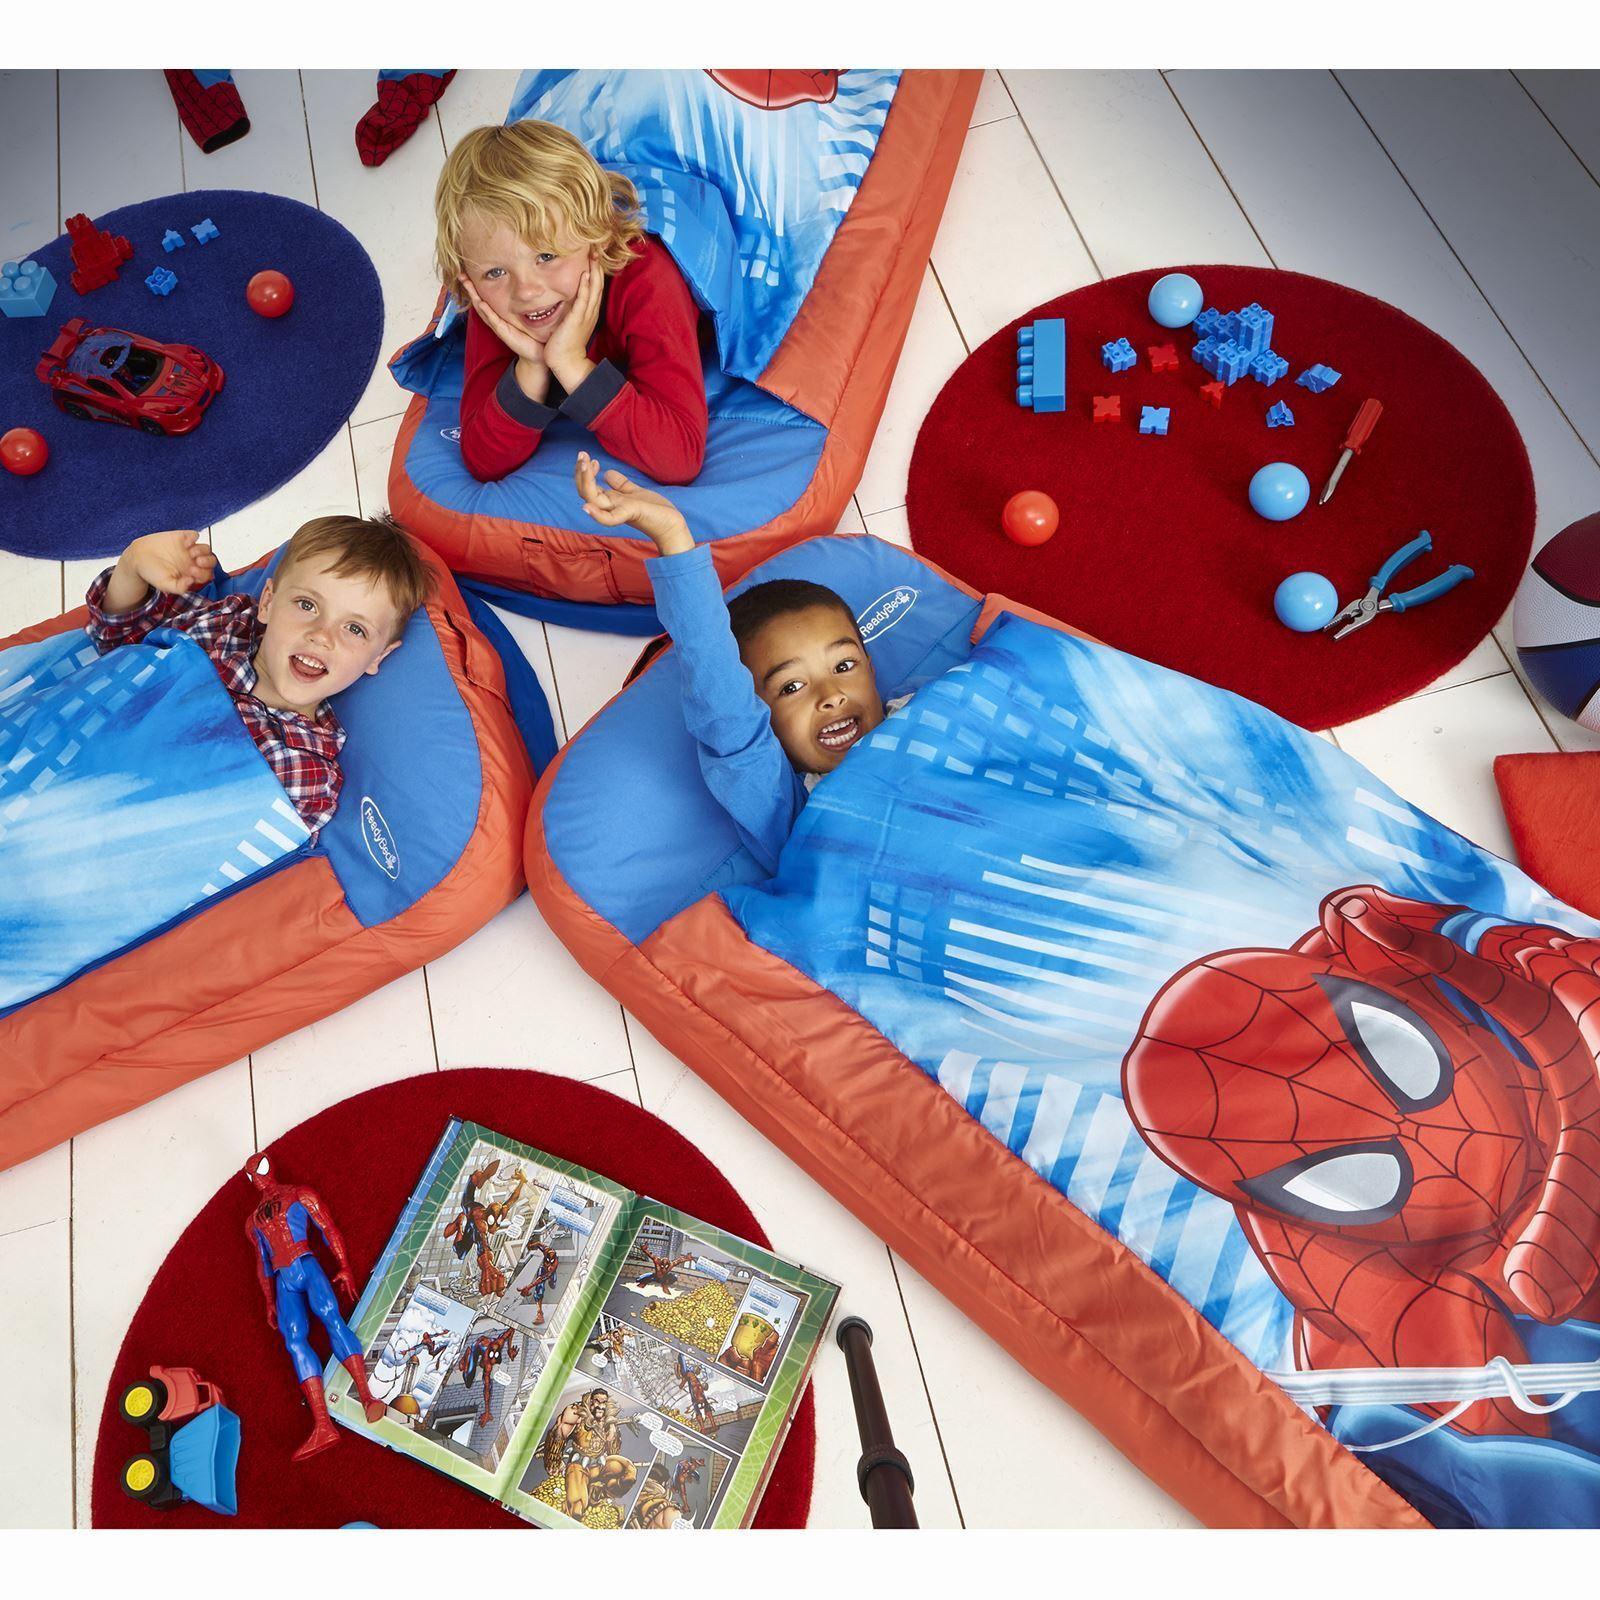 Spiderman per bambini gonfiabile ready letto nuovo - Sacco letto per bambini ...